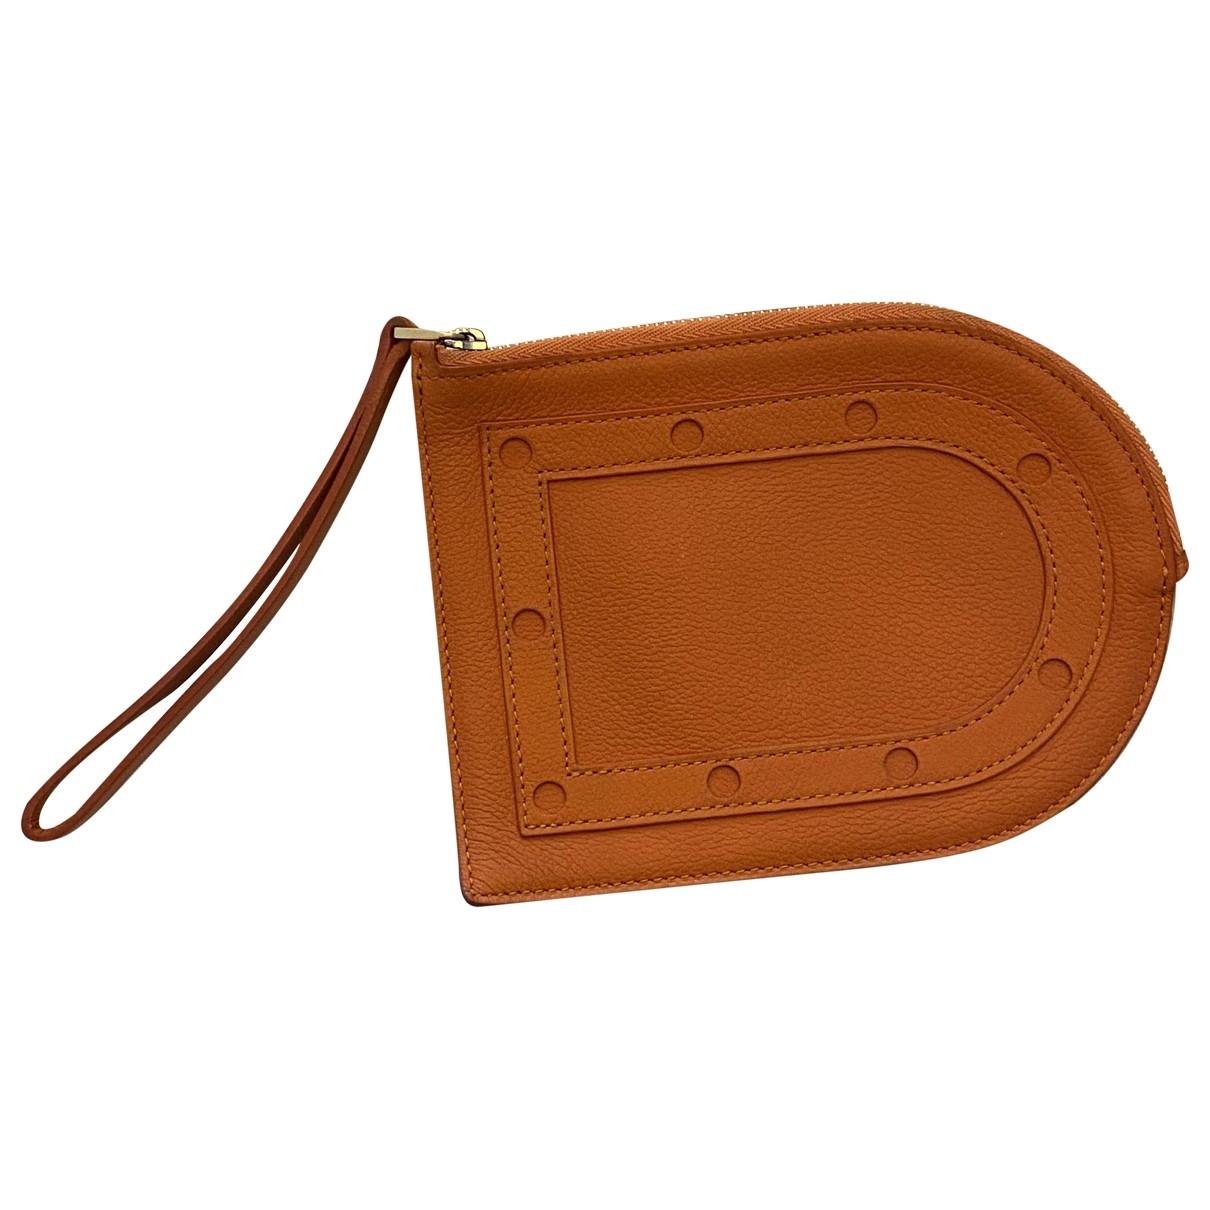 Delvaux - Petite maroquinerie   pour femme en cuir - orange